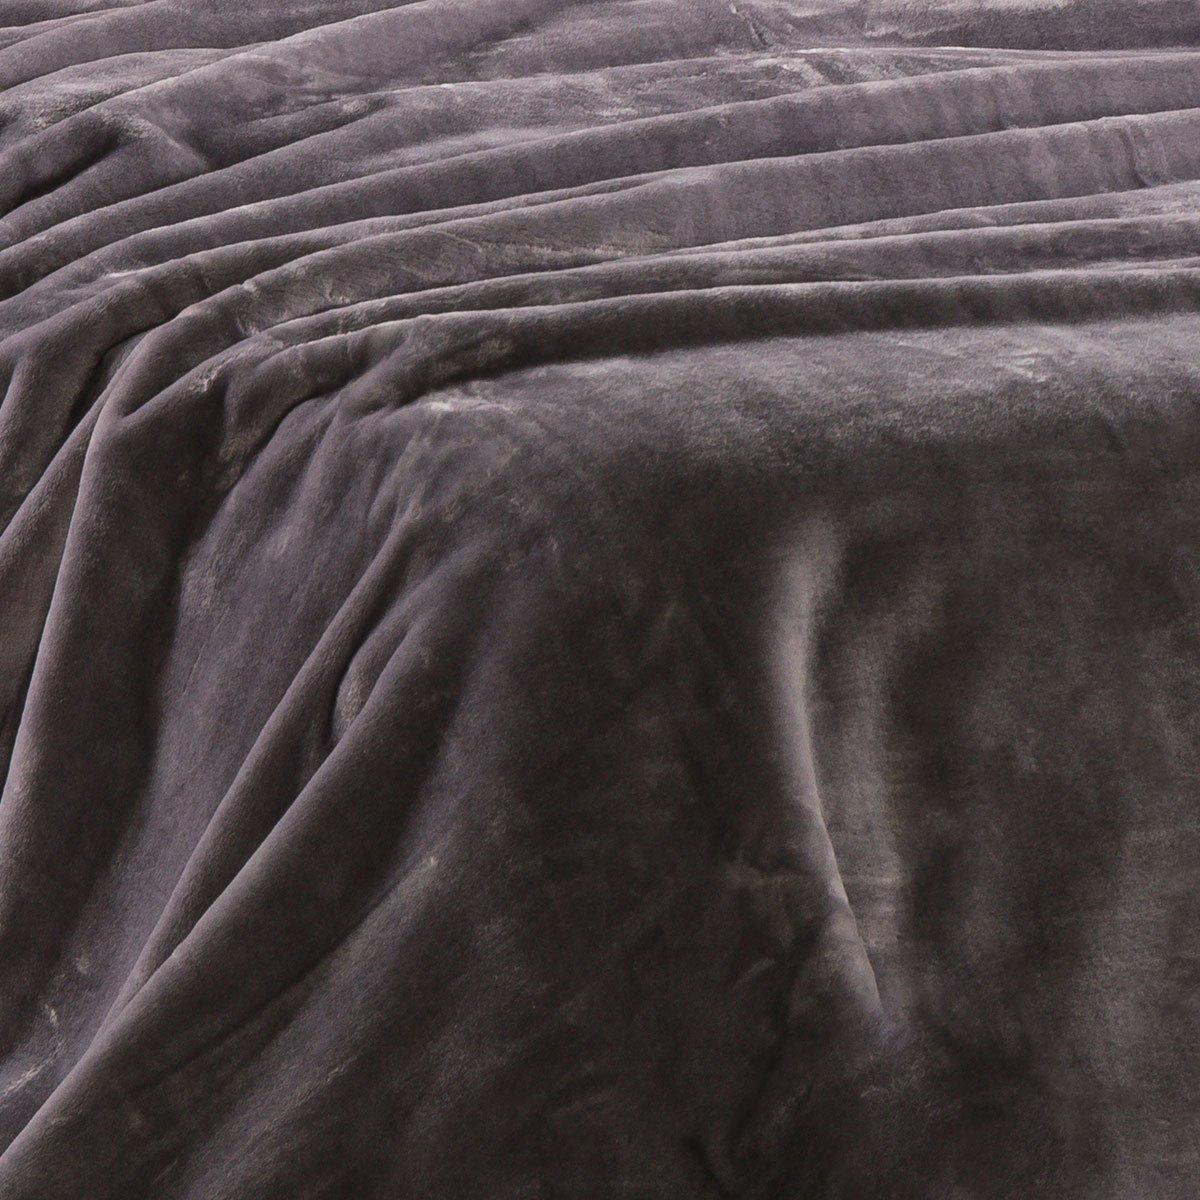 Sancarlos OSLO - Manta Lisa de Terciopelo Suave, Color Gris, Cama de 135 cm, 220x240 cm